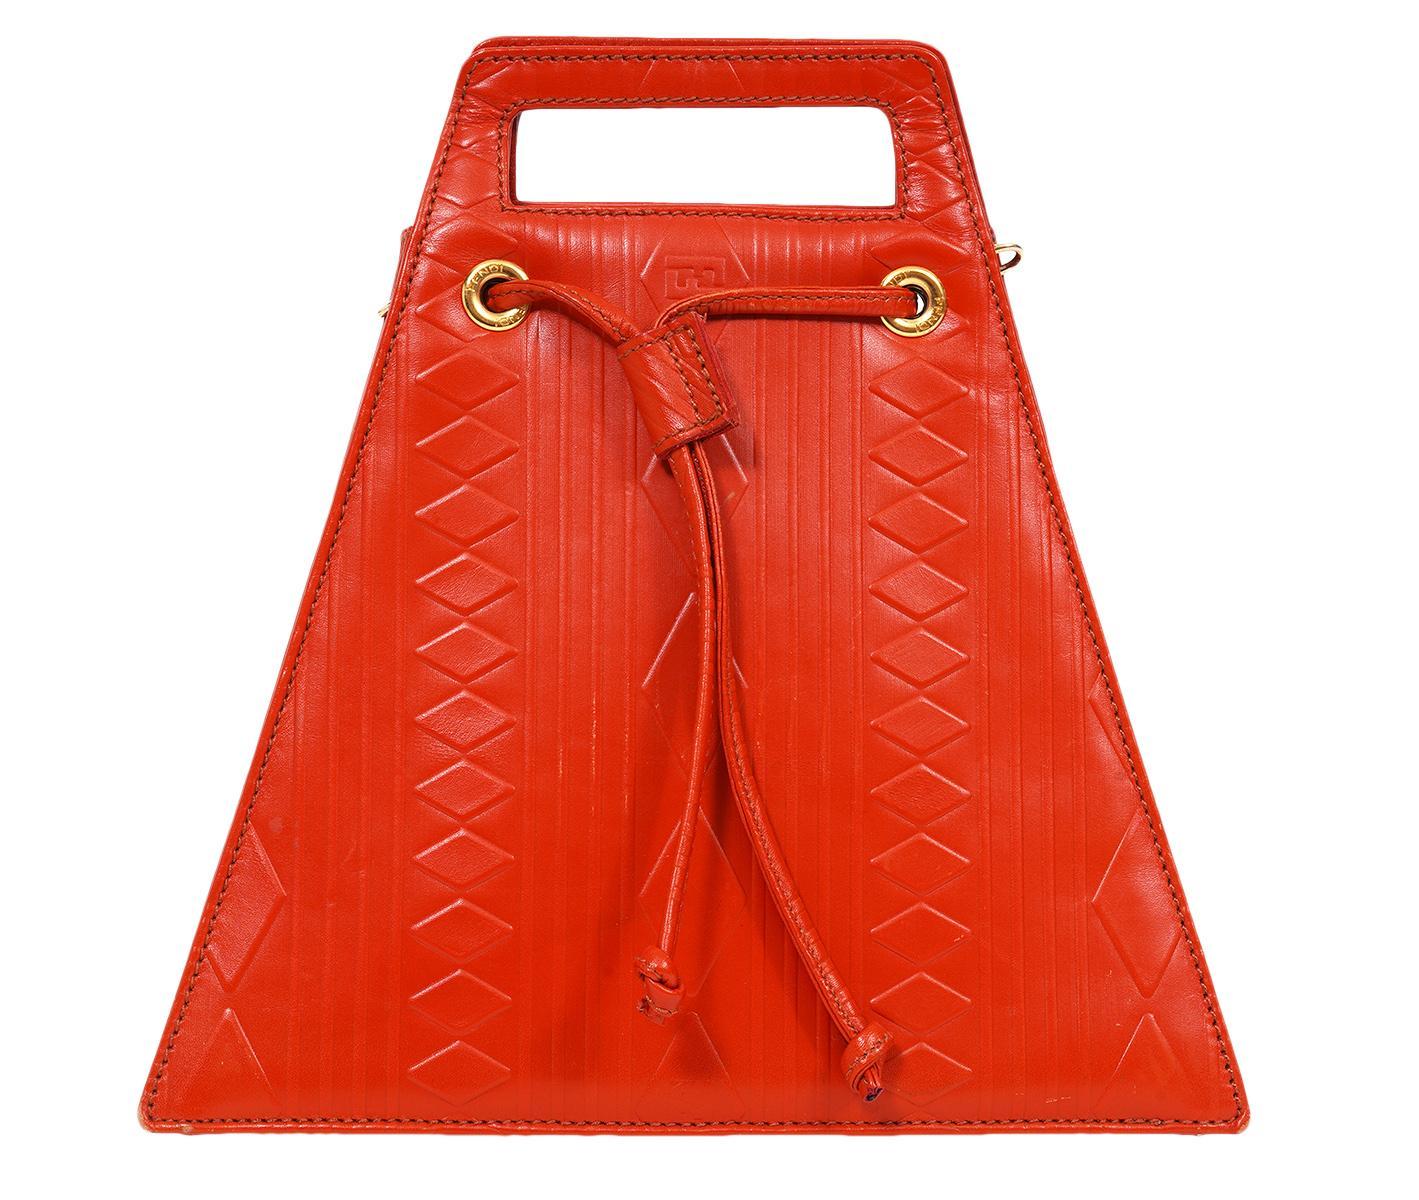 Fendi Vintage Orange Leather Embossed Shoulder Bag